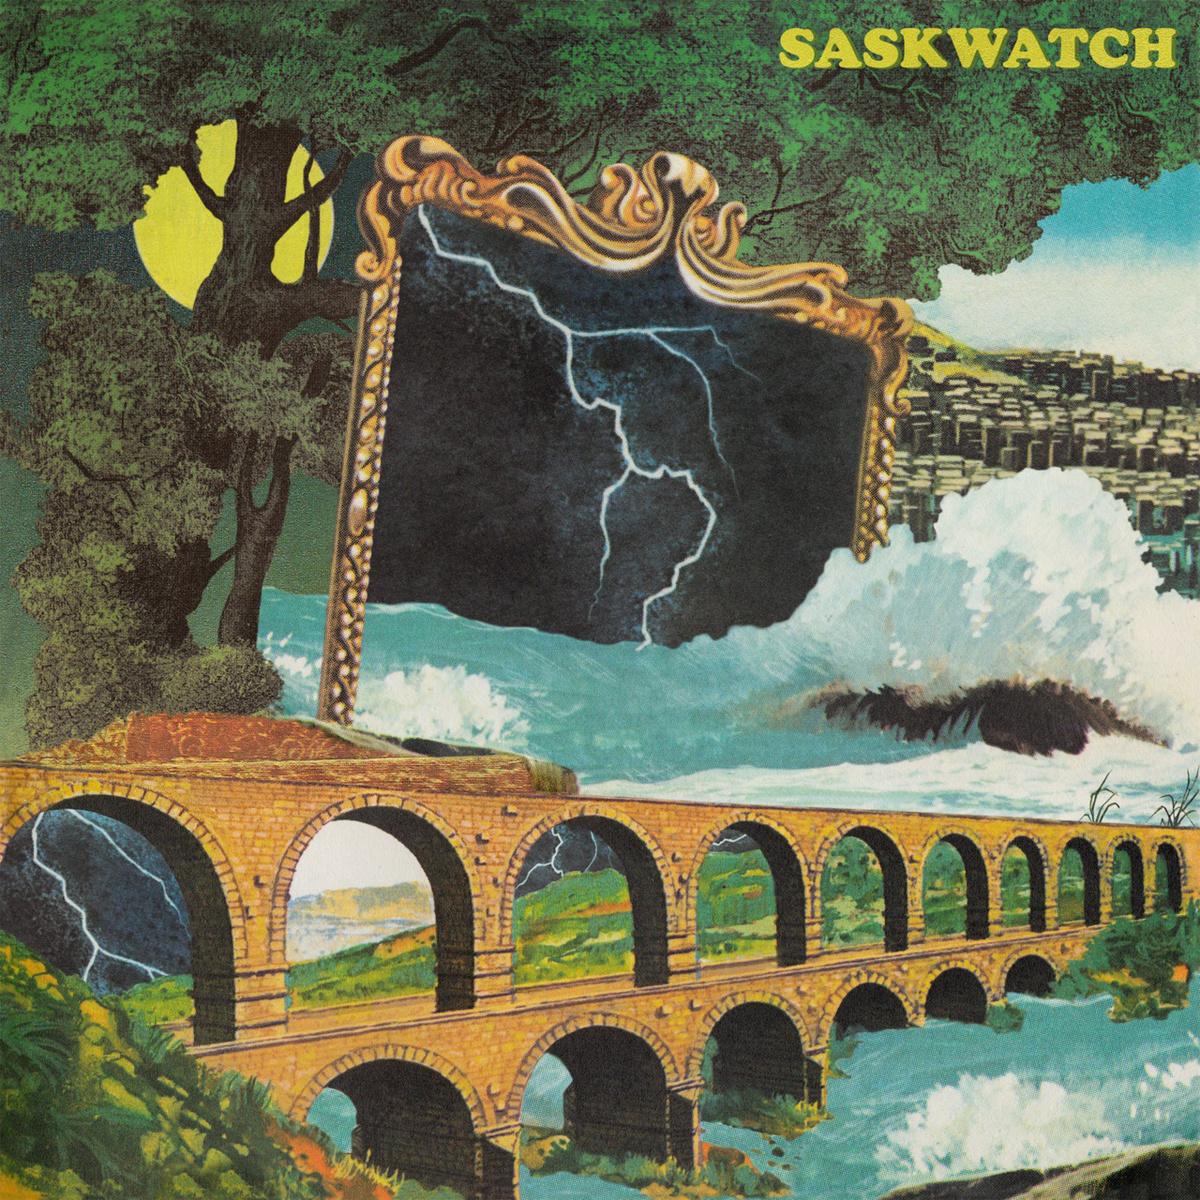 Saskwatch - Nose Dive